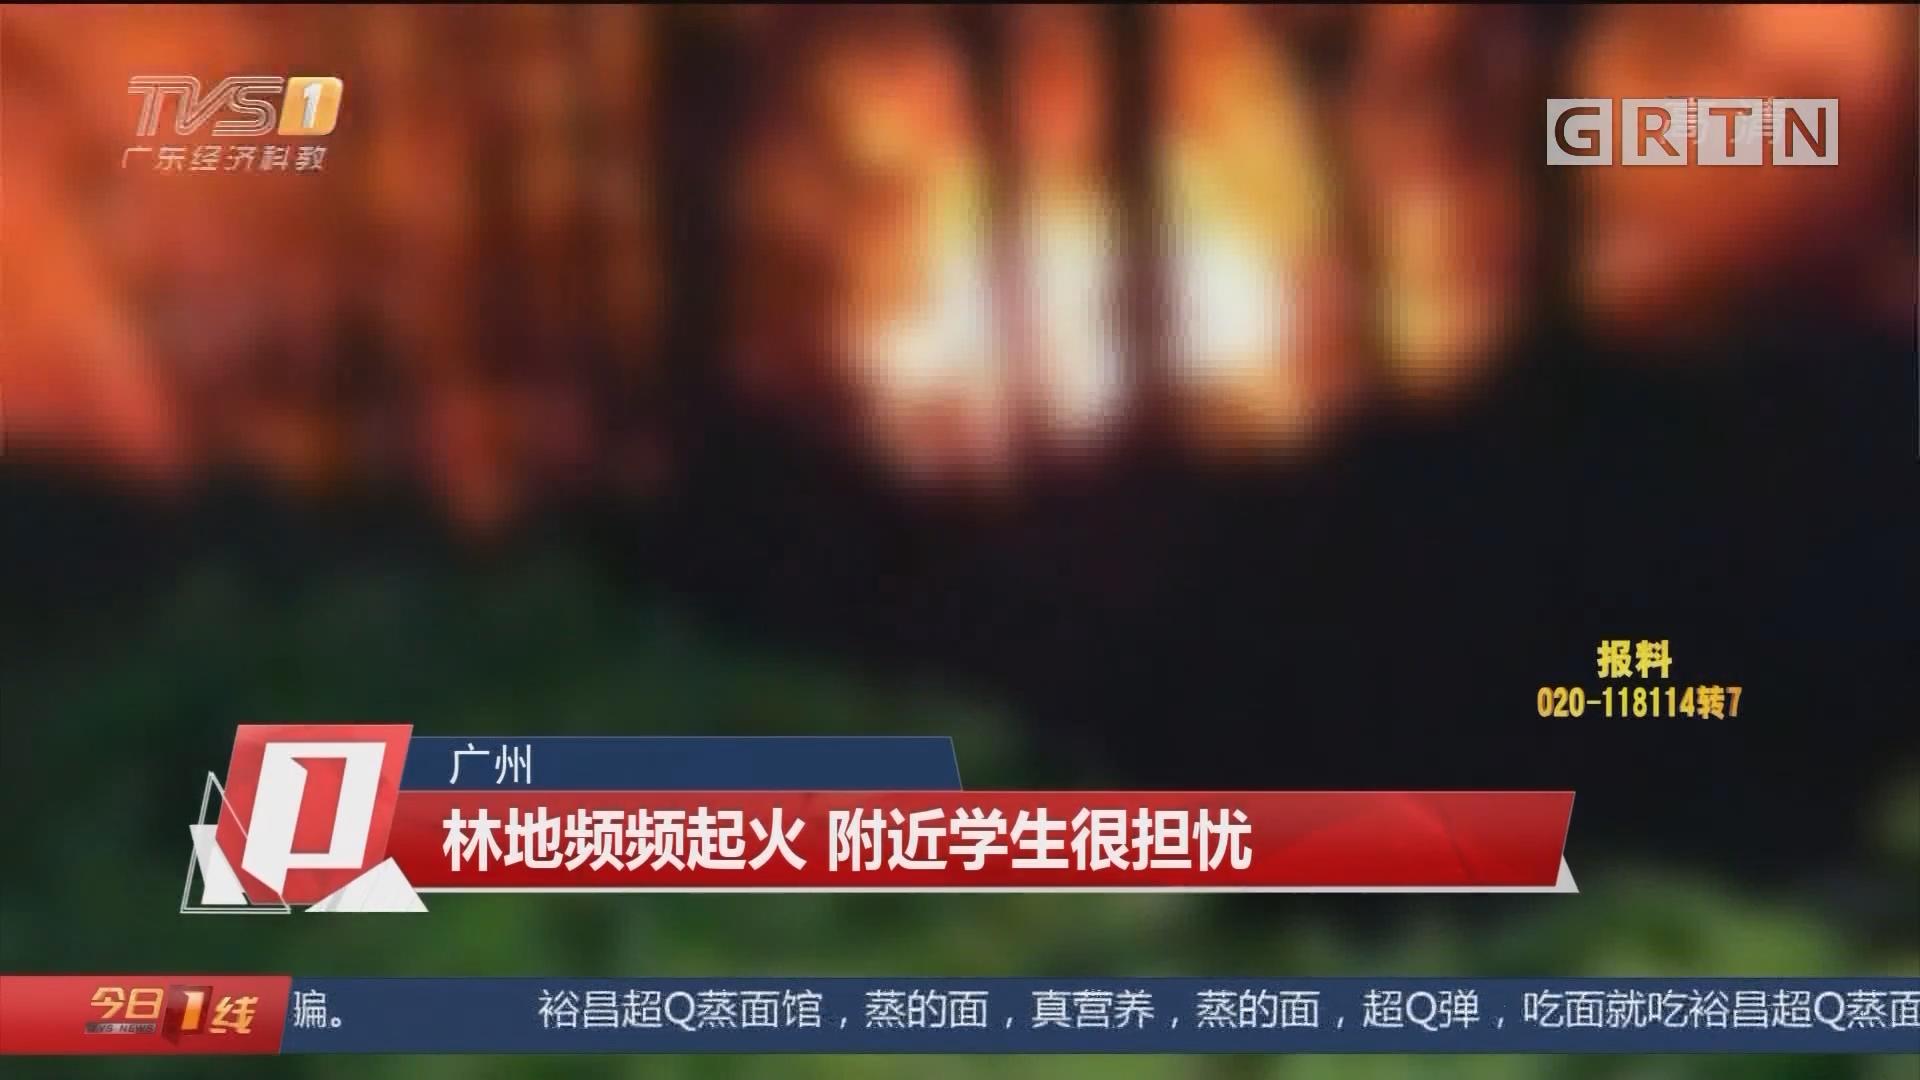 广州 林地频频起火 附近学生很担忧